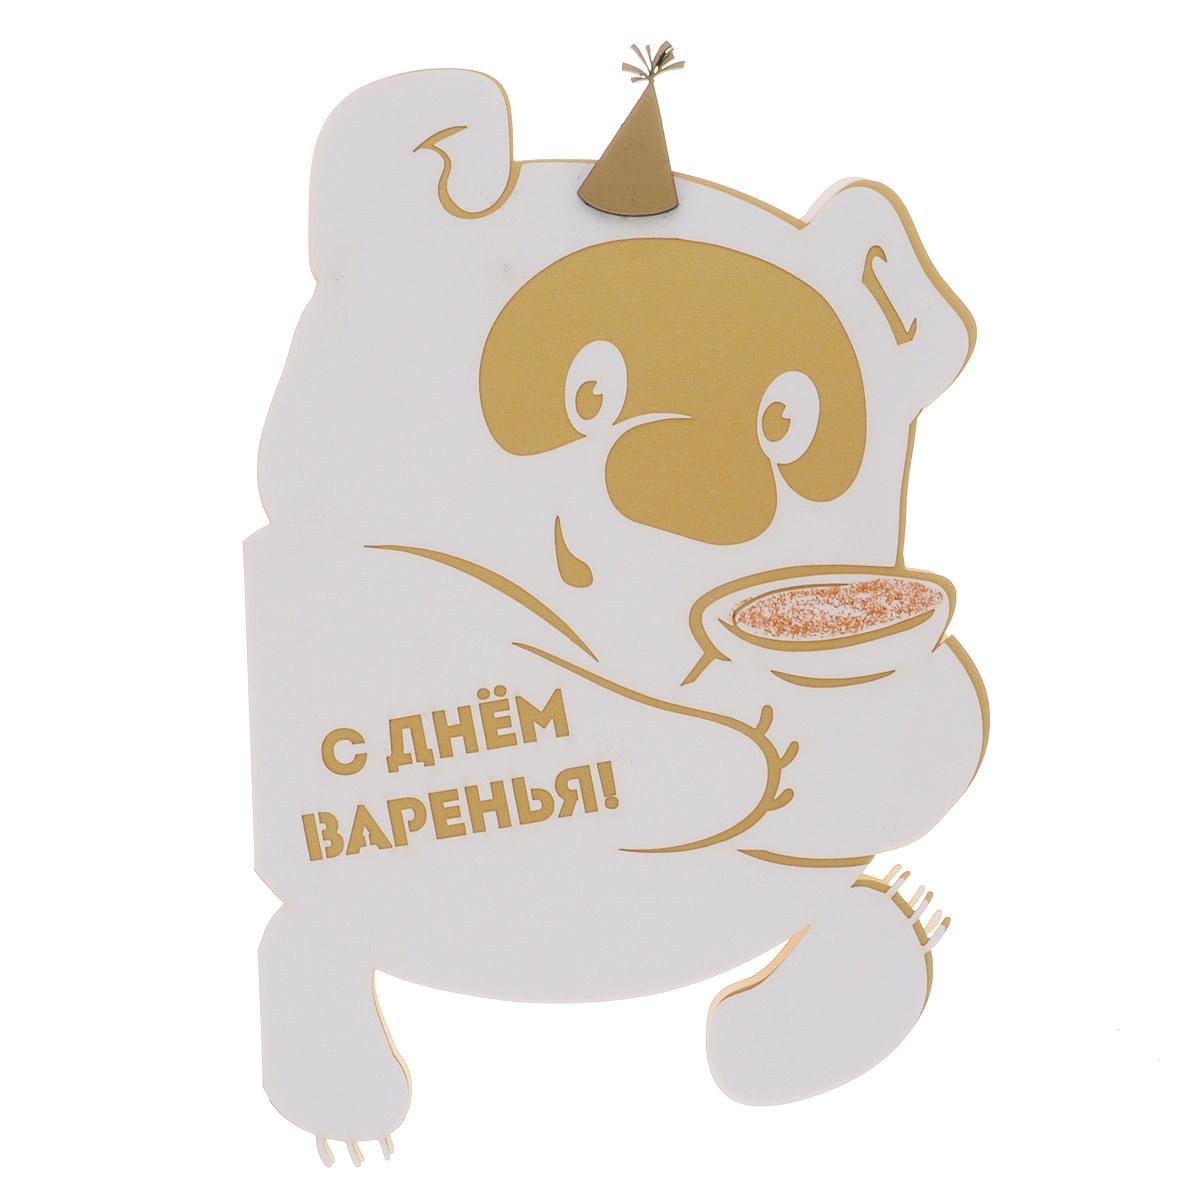 Детская раскладная открытка С Днем Варенья » Сделай 20